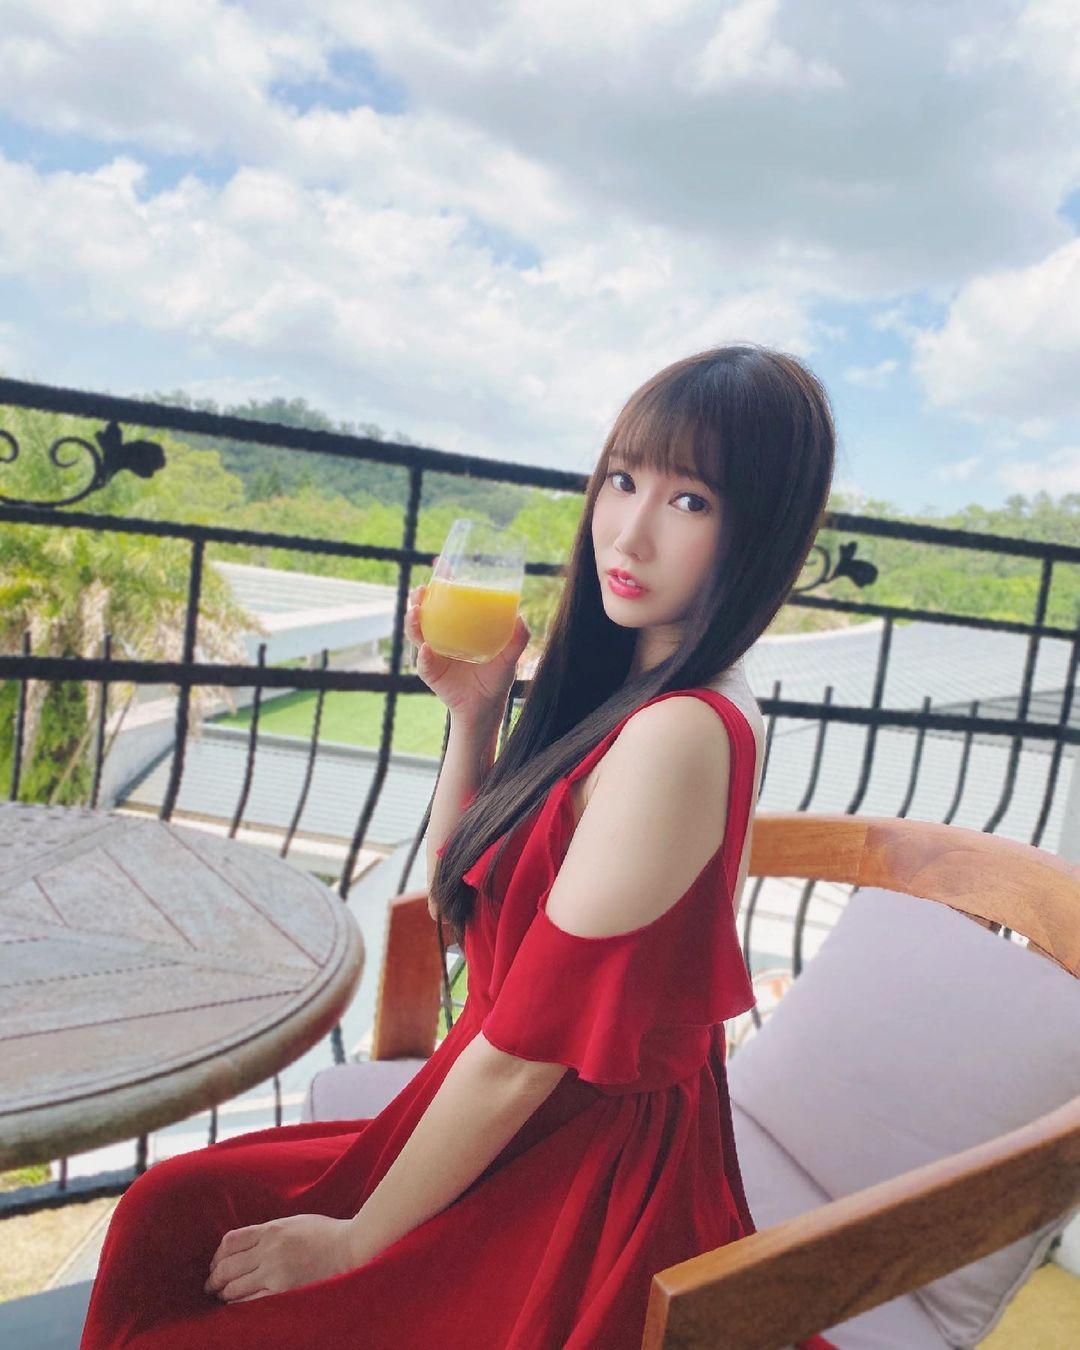 师范大学正妹研究生又又,超甜美颜值让人好想一起约会 养眼图片 第7张